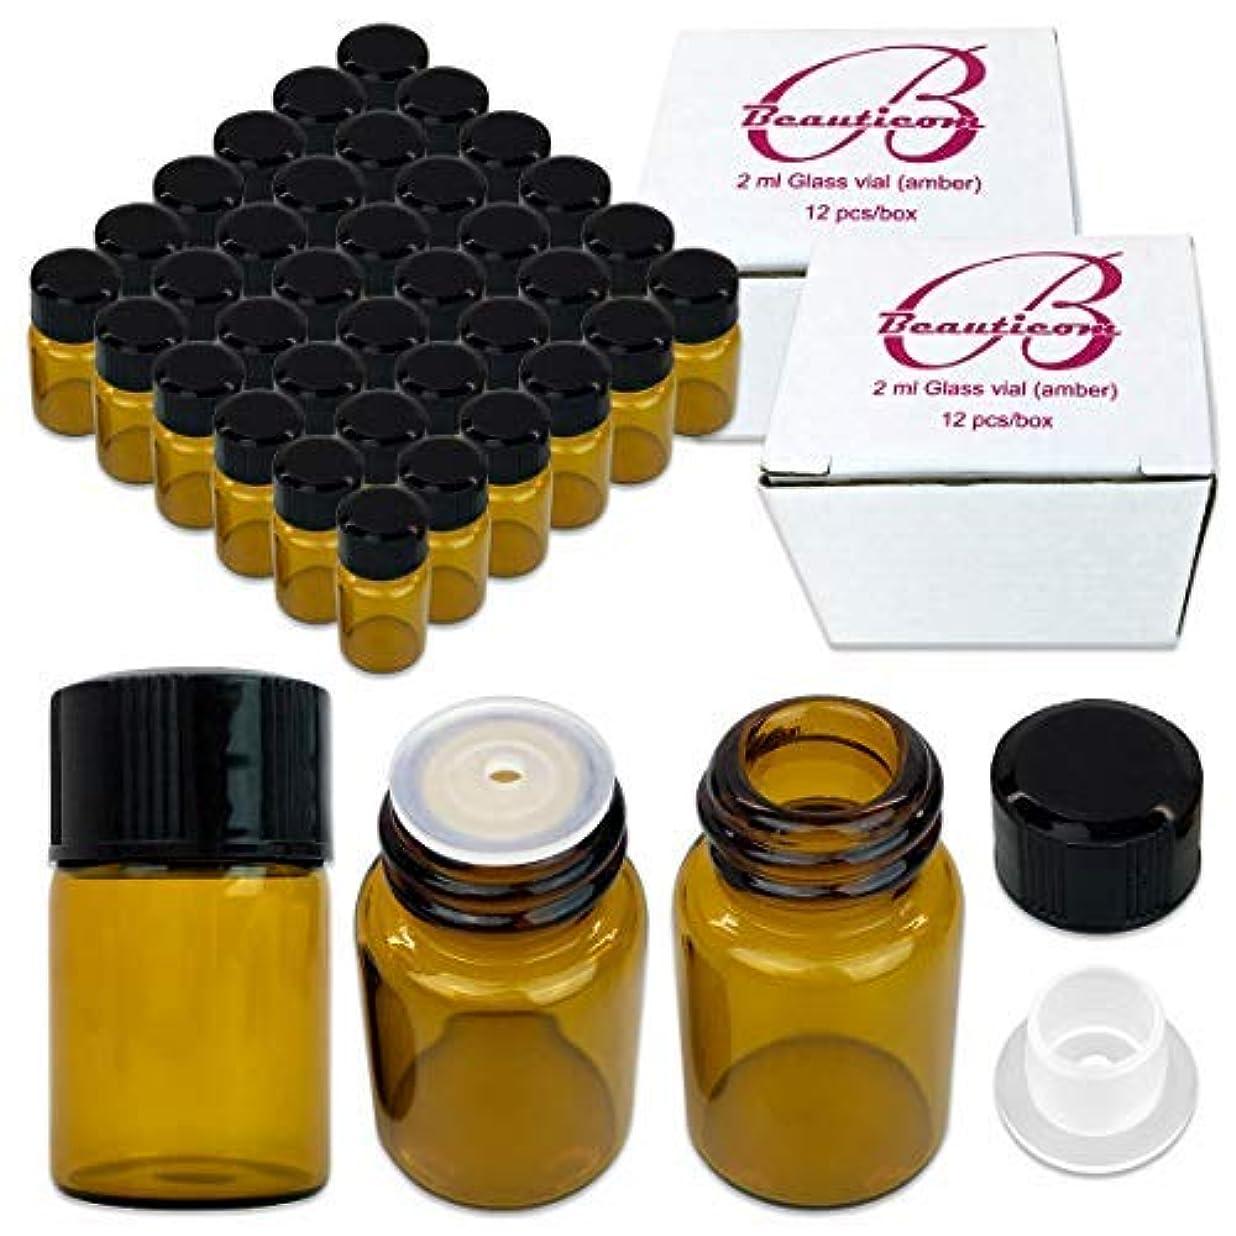 決めます招待ためらう72 Packs Beauticom 2ML Amber Glass Vial for Essential Oils, Aromatherapy, Fragrance, Serums, Spritzes, with Orifice...